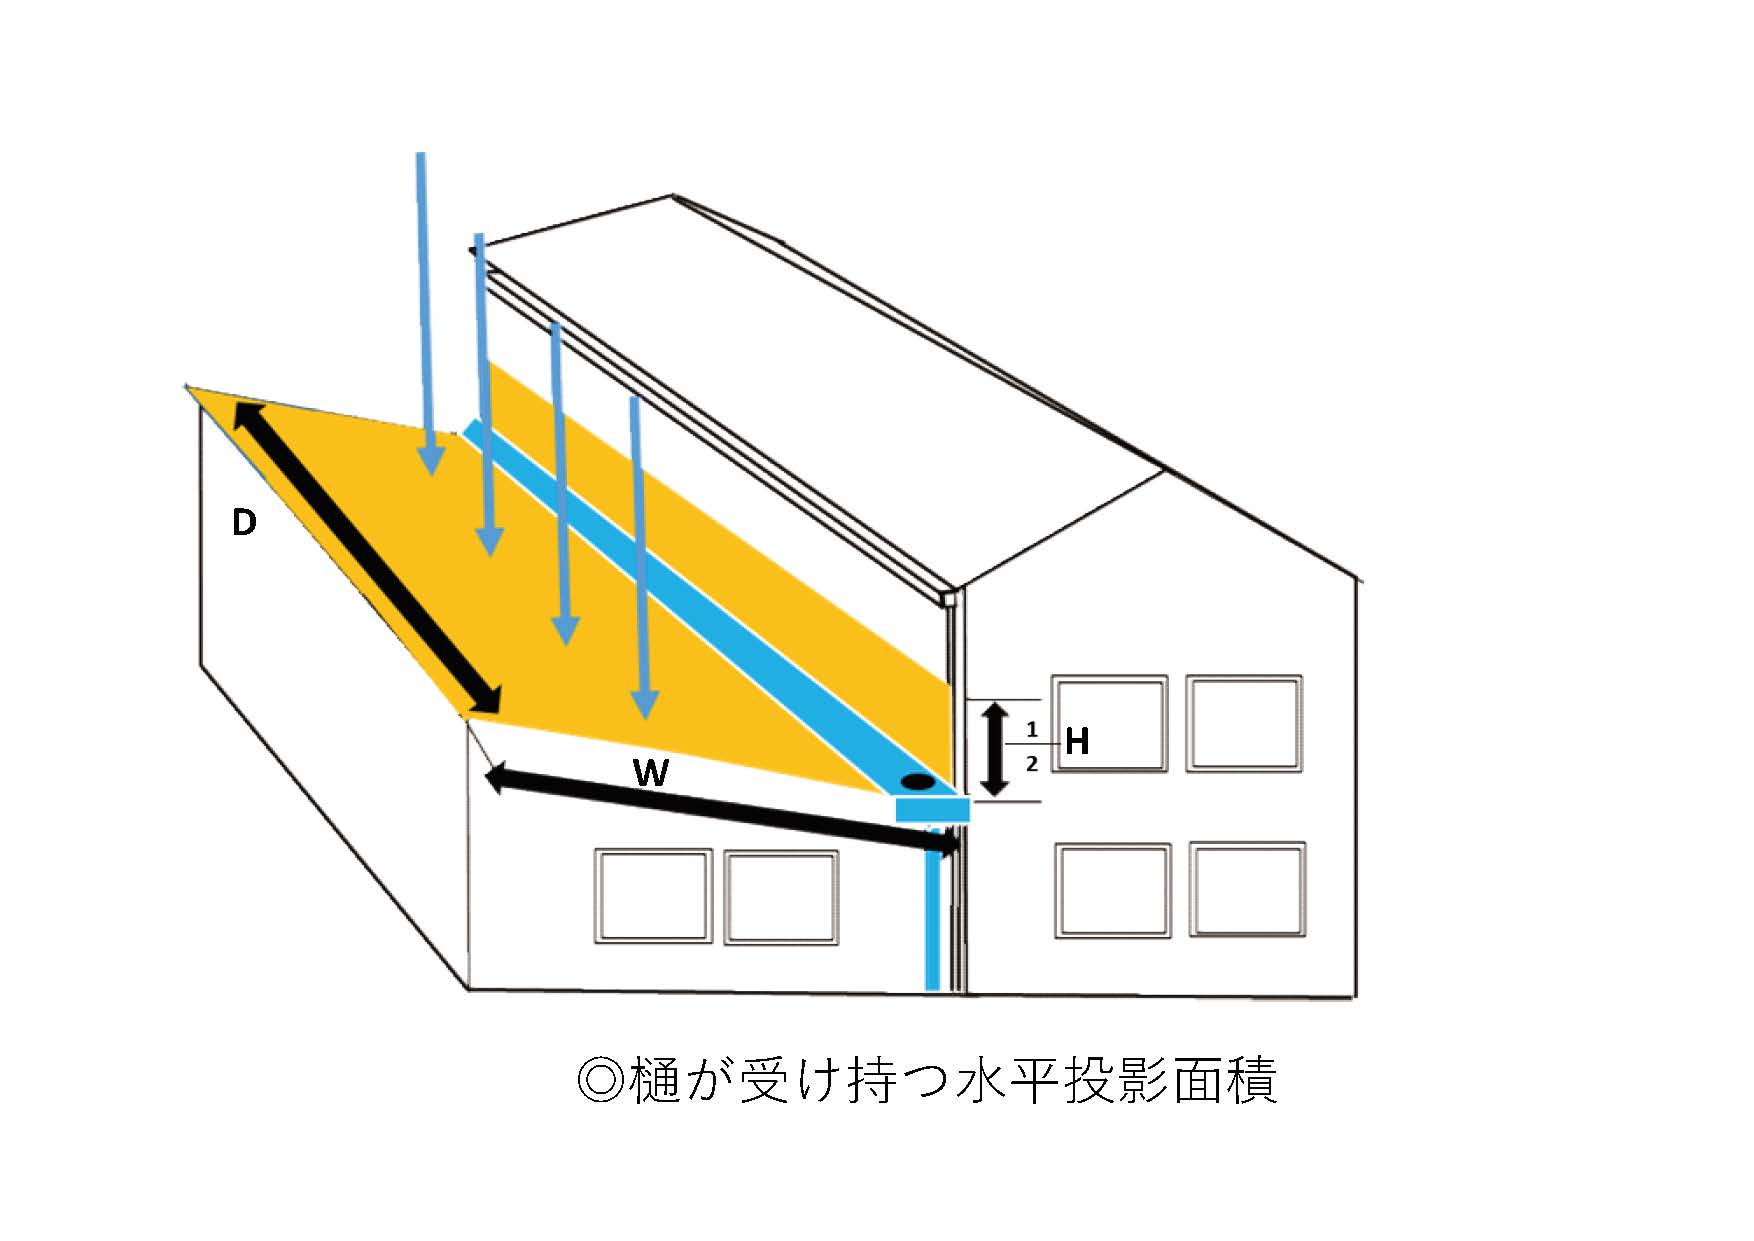 B樋が受け持つ水平投影面積n